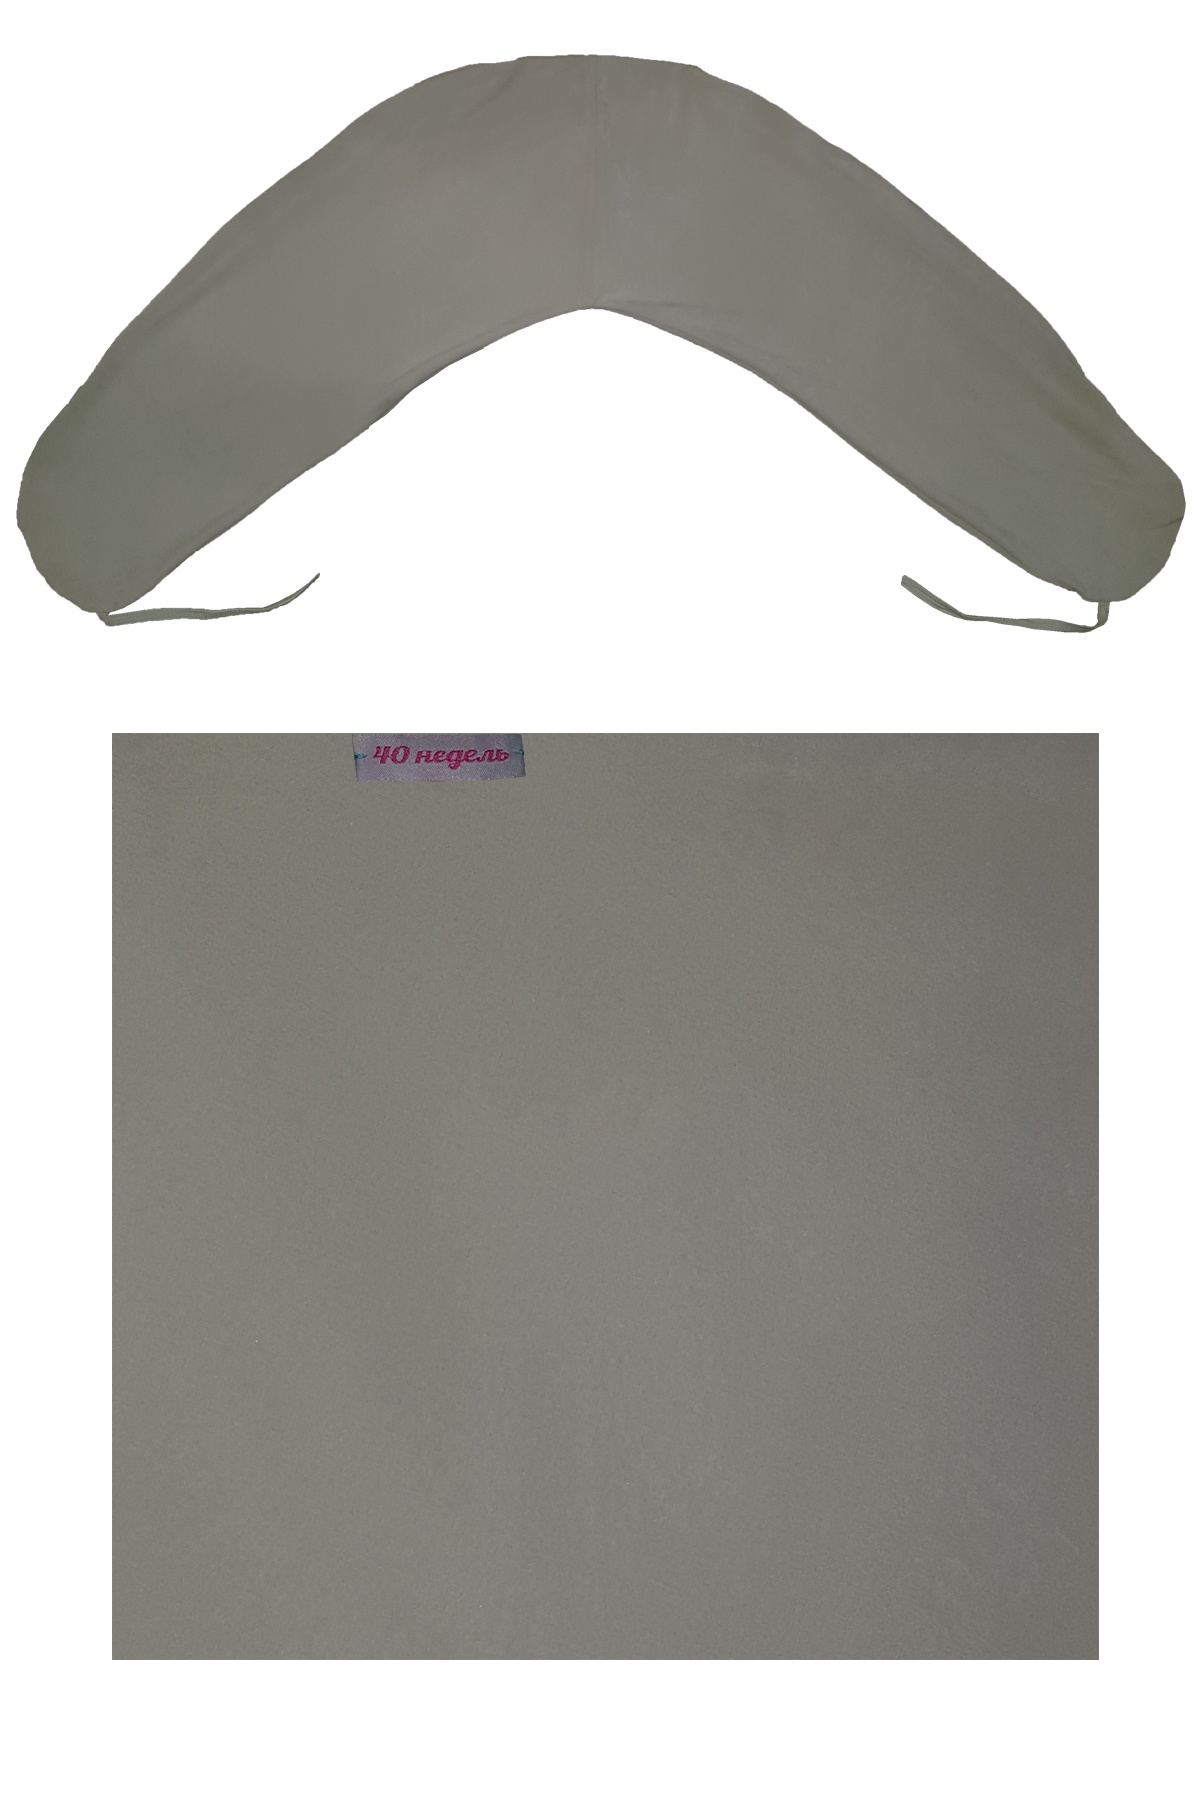 Наволочка ООО 40 недель Для беременных, НБХВВ-170/бежевый, серый theraline чехол для подушки для беременных 170 см цвет бежевый